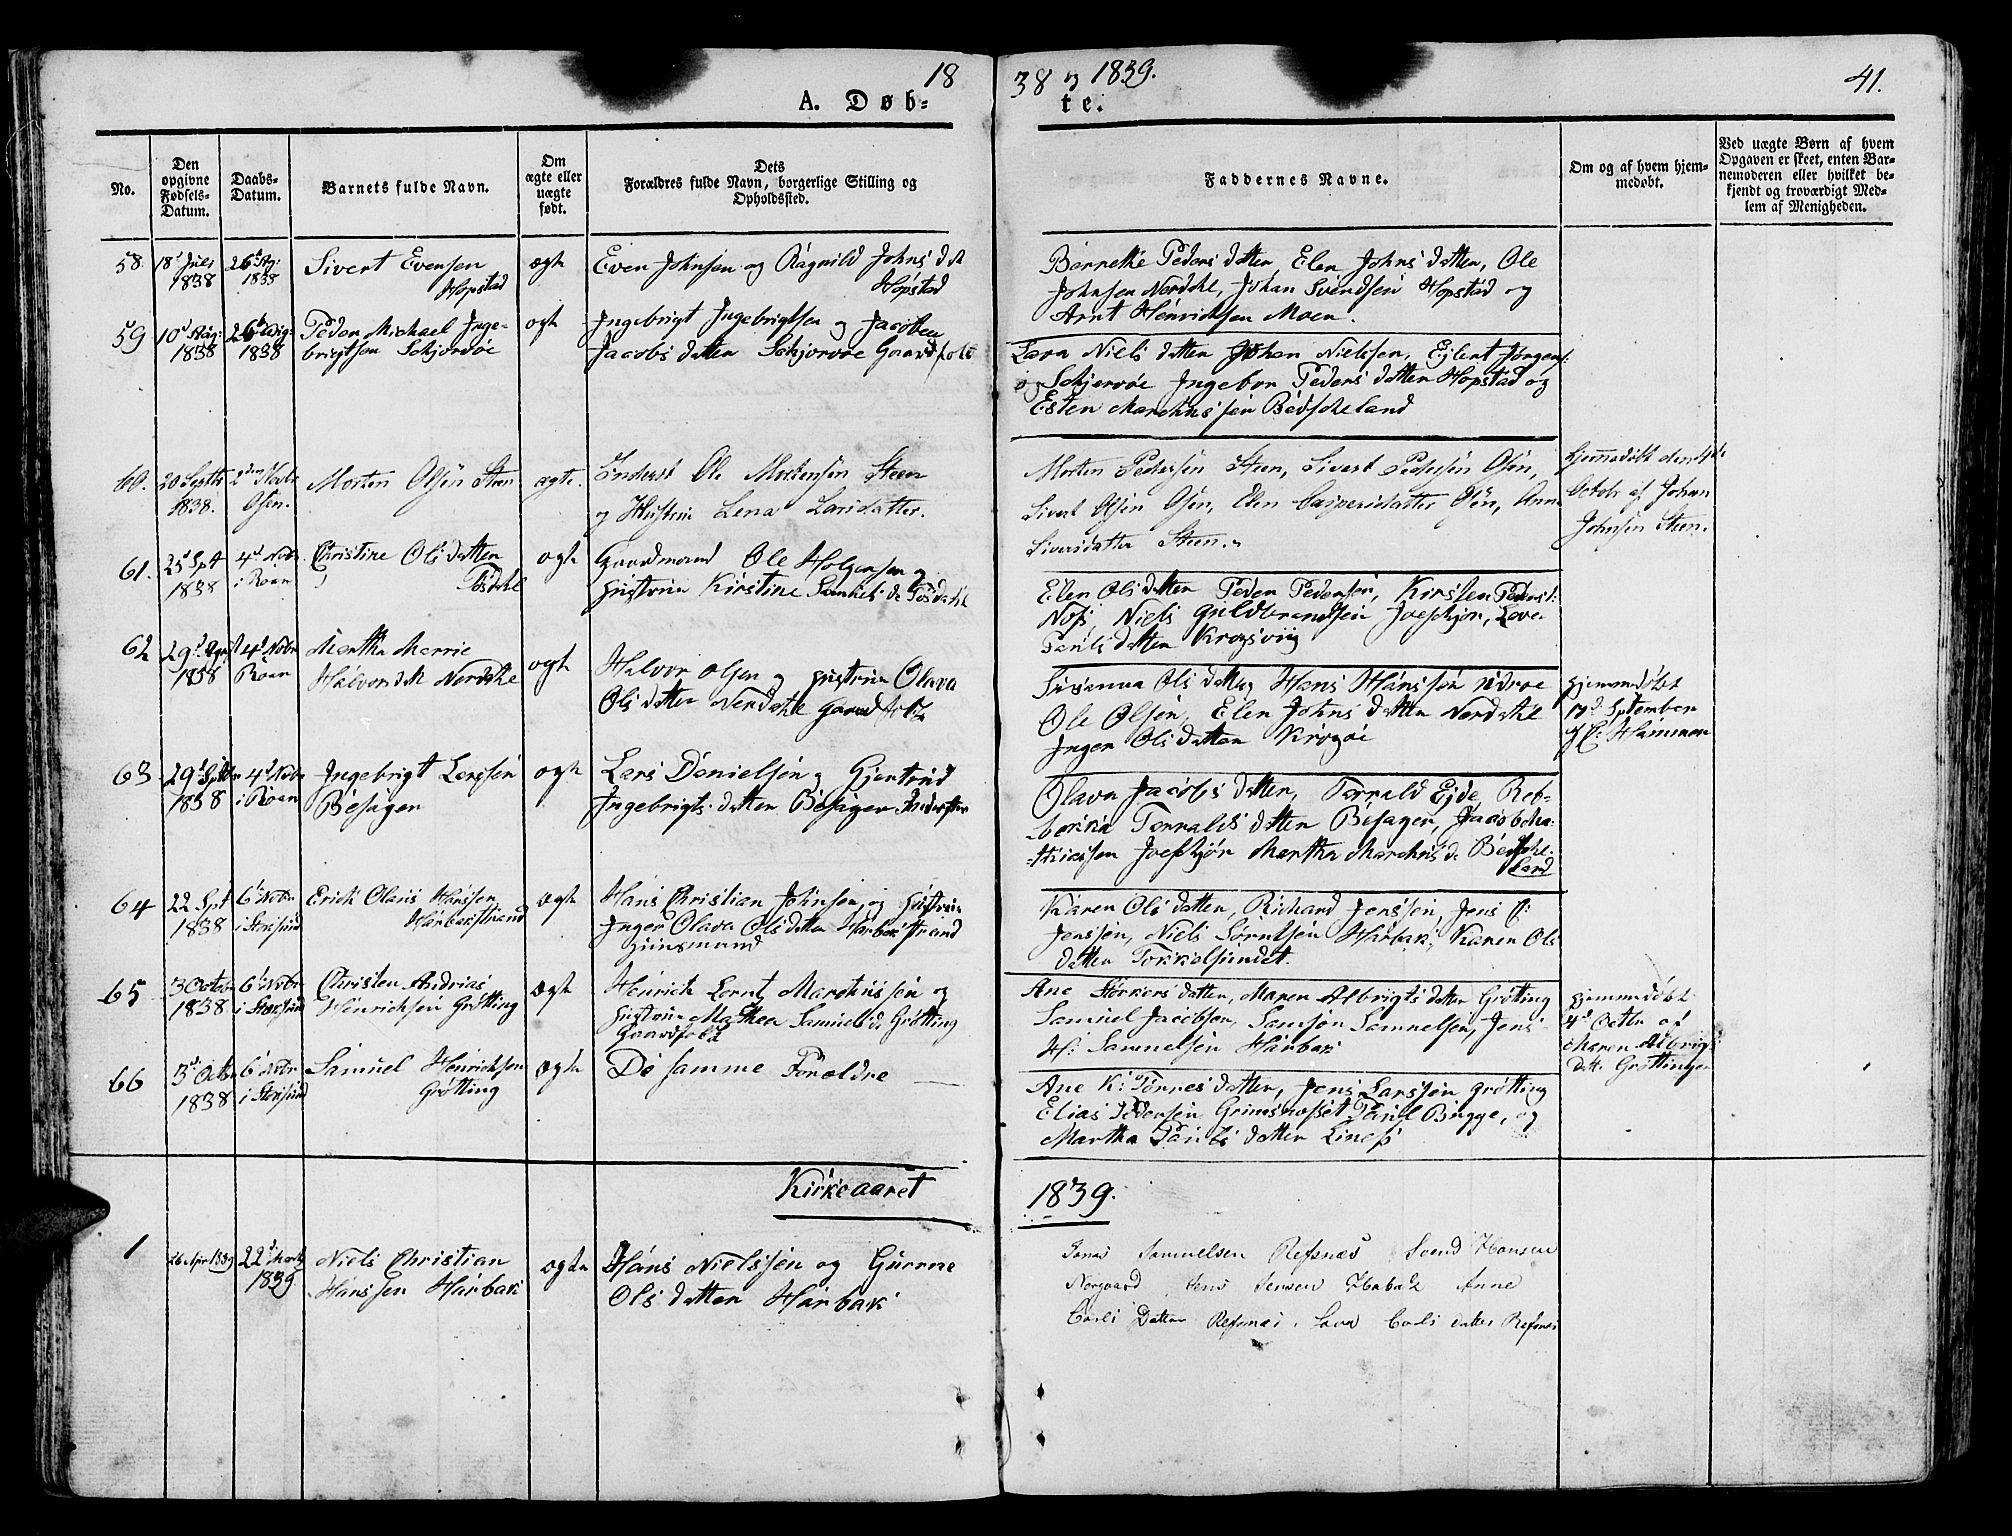 SAT, Ministerialprotokoller, klokkerbøker og fødselsregistre - Sør-Trøndelag, 657/L0703: Ministerialbok nr. 657A04, 1831-1846, s. 41